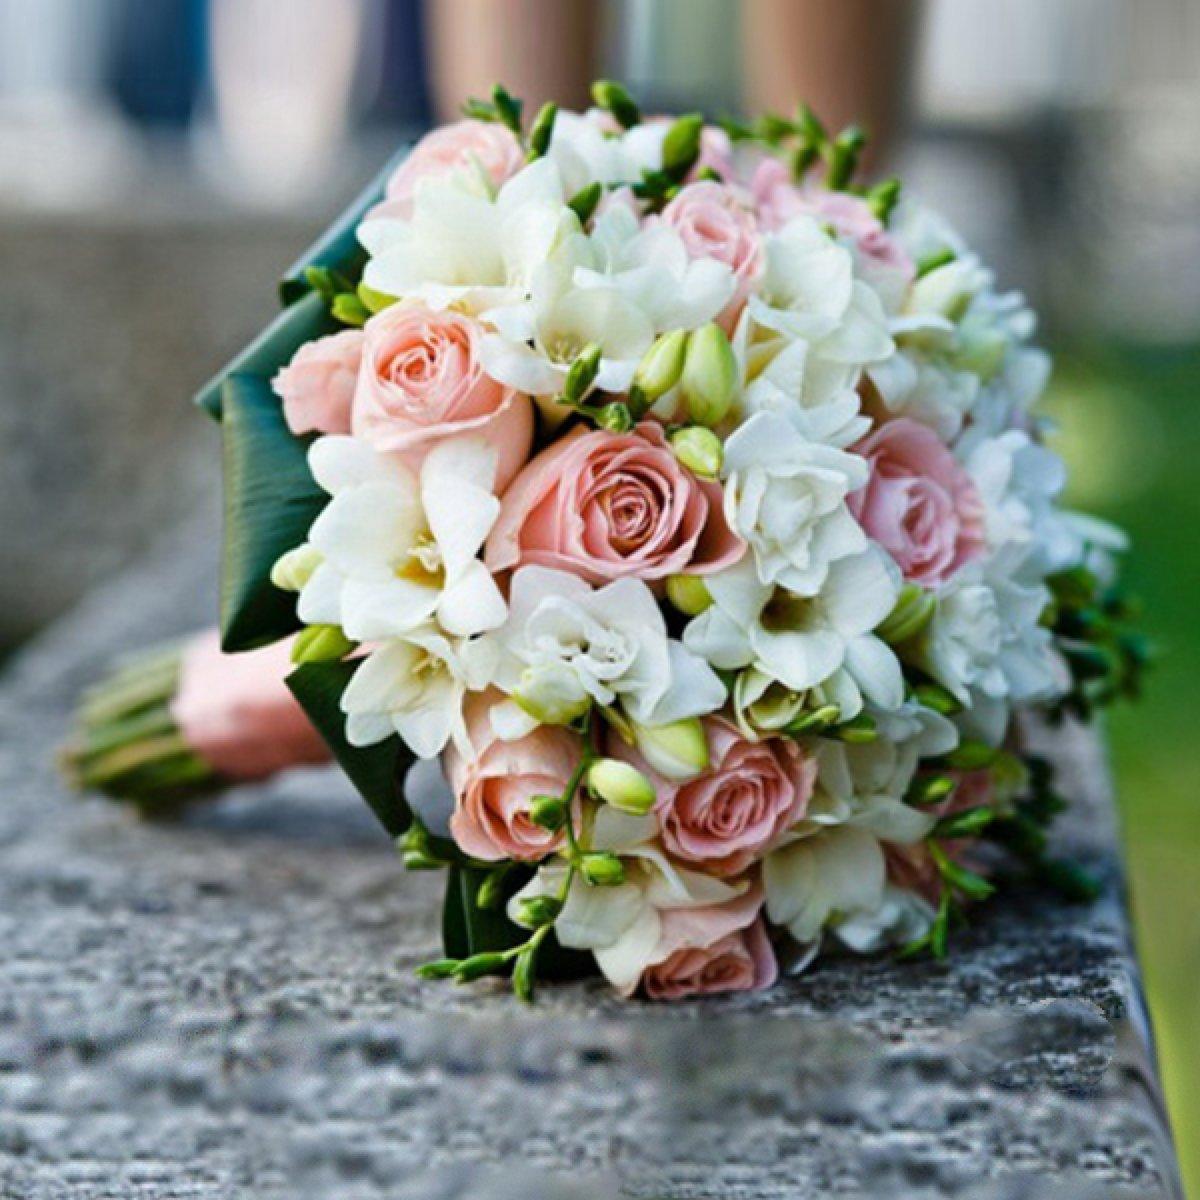 Цветы, свадебные букеты цветов и цена киев